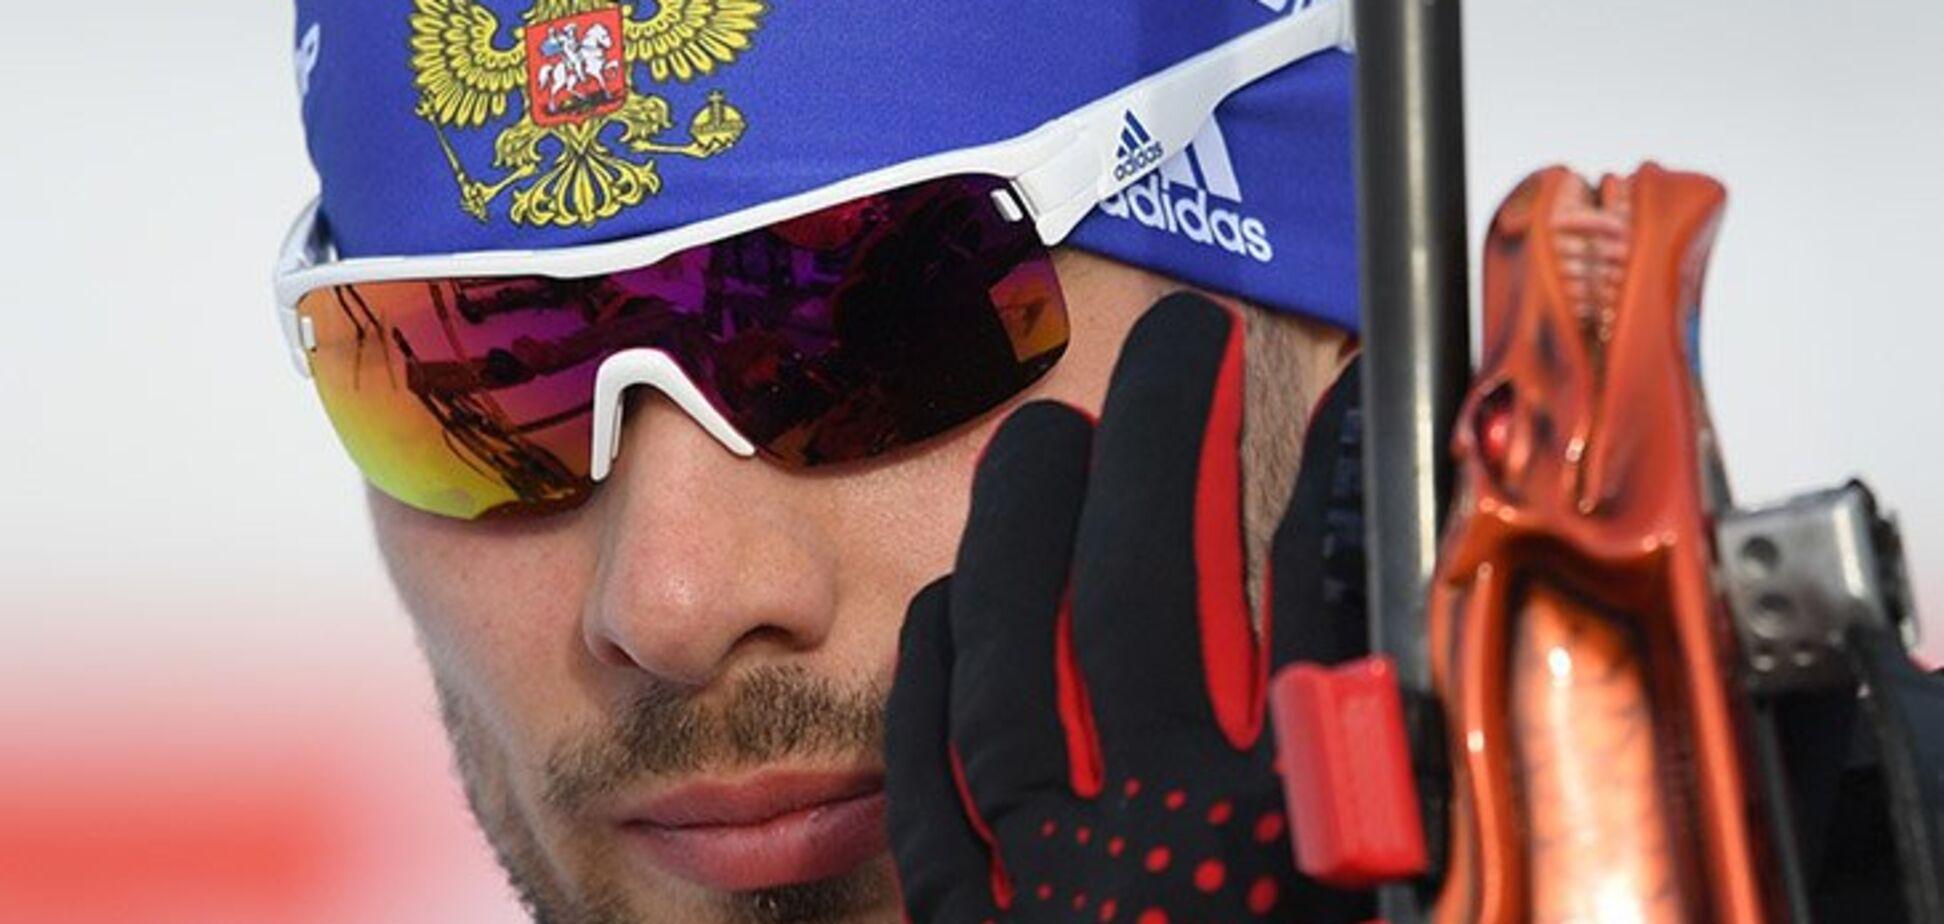 Официально: лучший биатлонист России сделал заявление по своей карьере